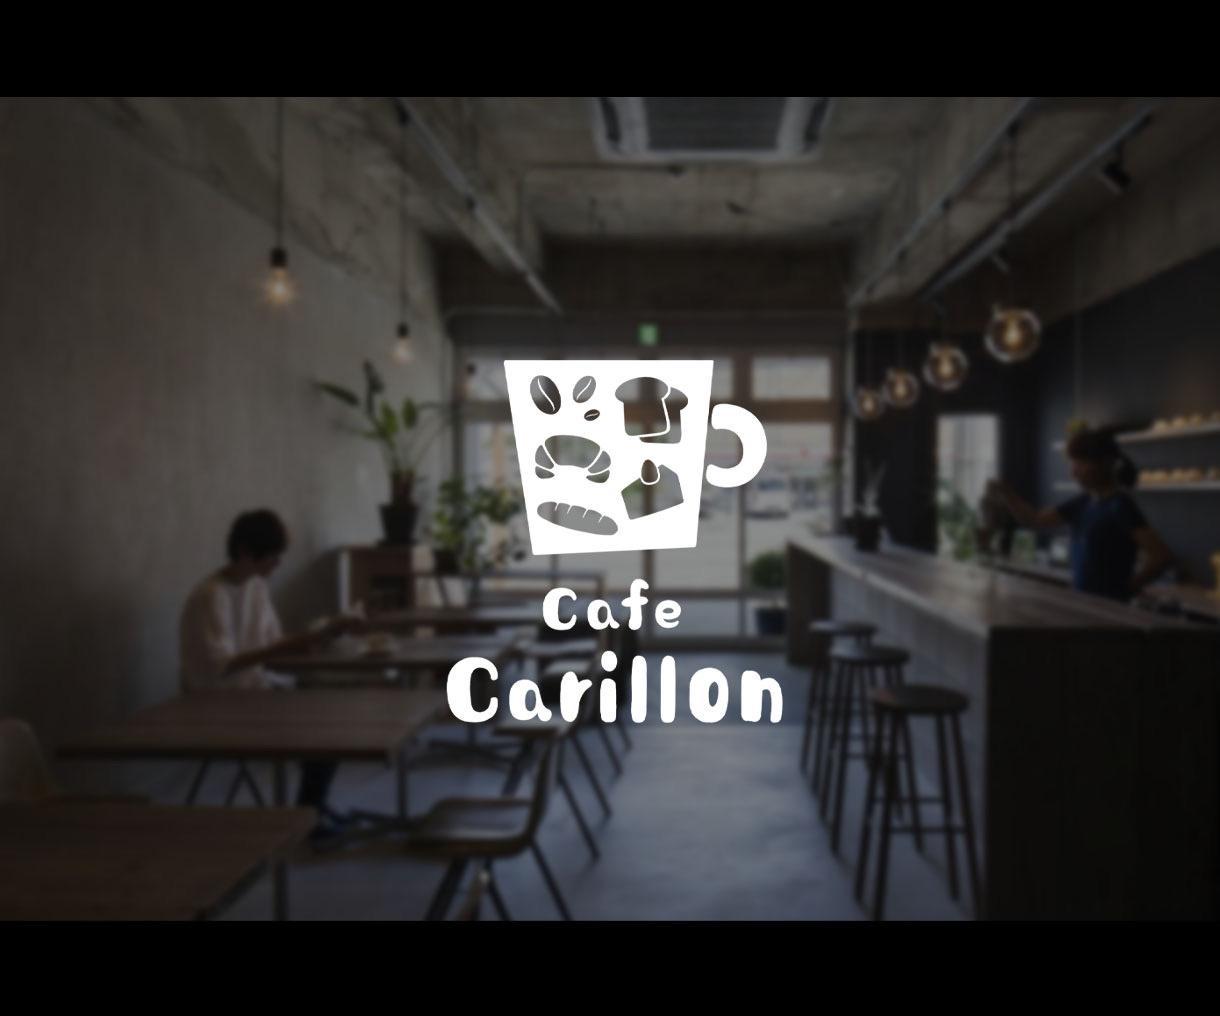 カフェ・喫茶店・飲食店のロゴを現役プロが制作します お手ごろ価格で品質の高いロゴをデザインします!